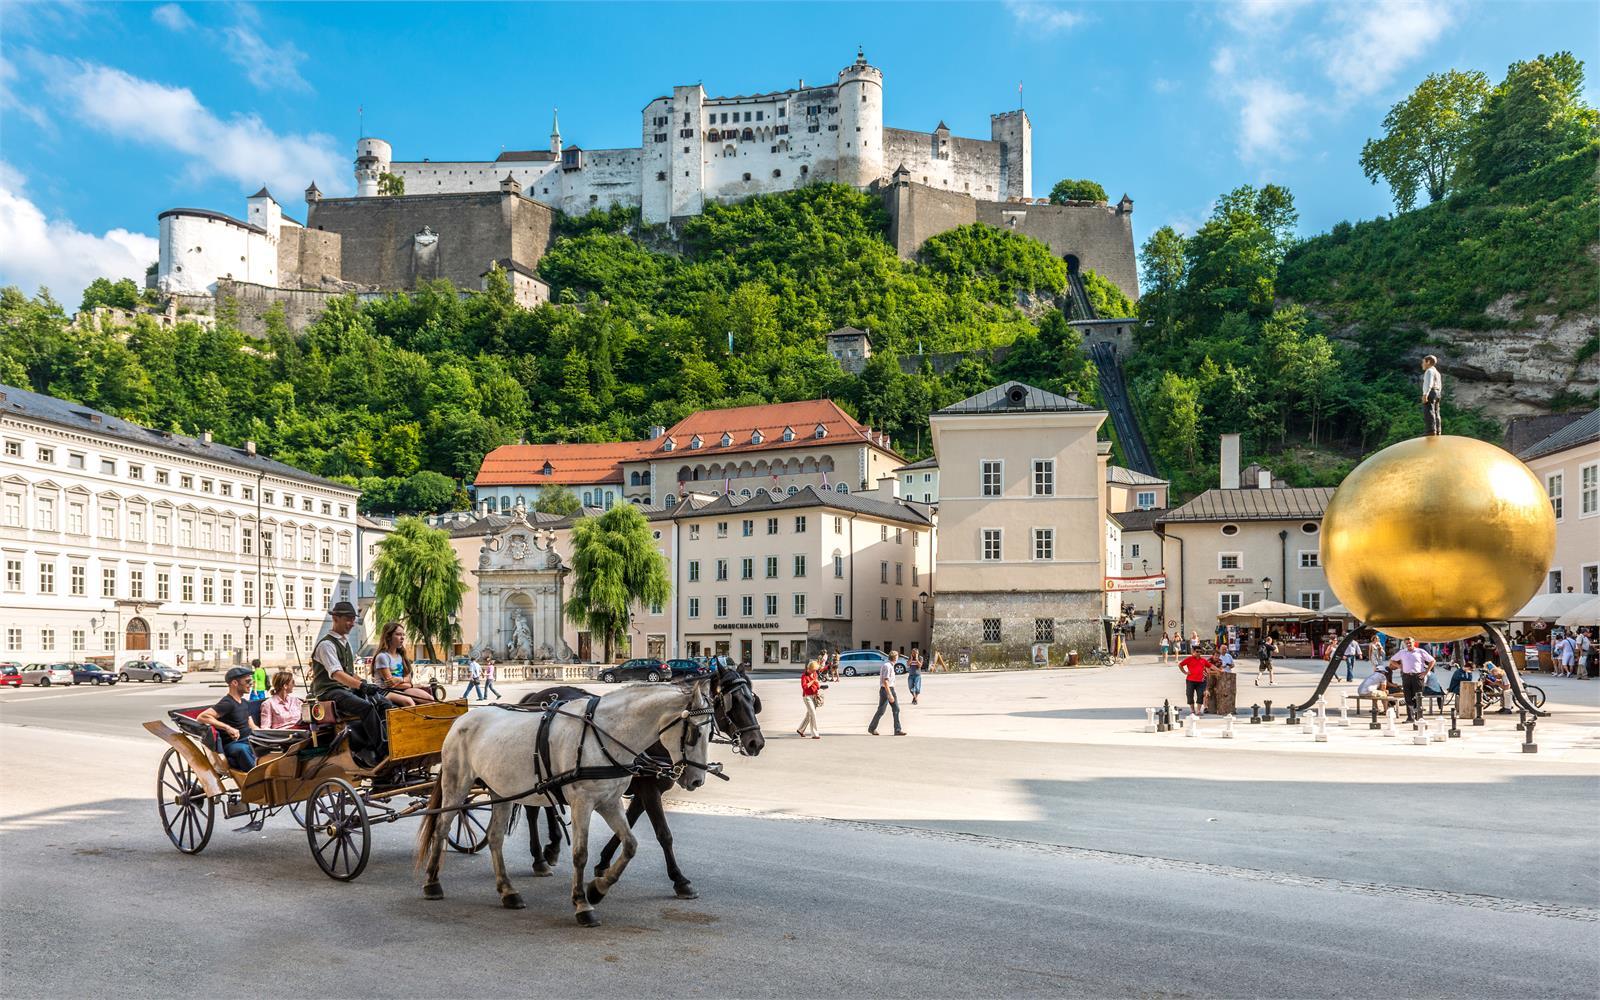 Stadt Salzburg mit Blick auf die Festung Hohensalzburg | ©Tourismus Salzburg - Günter Breitegger